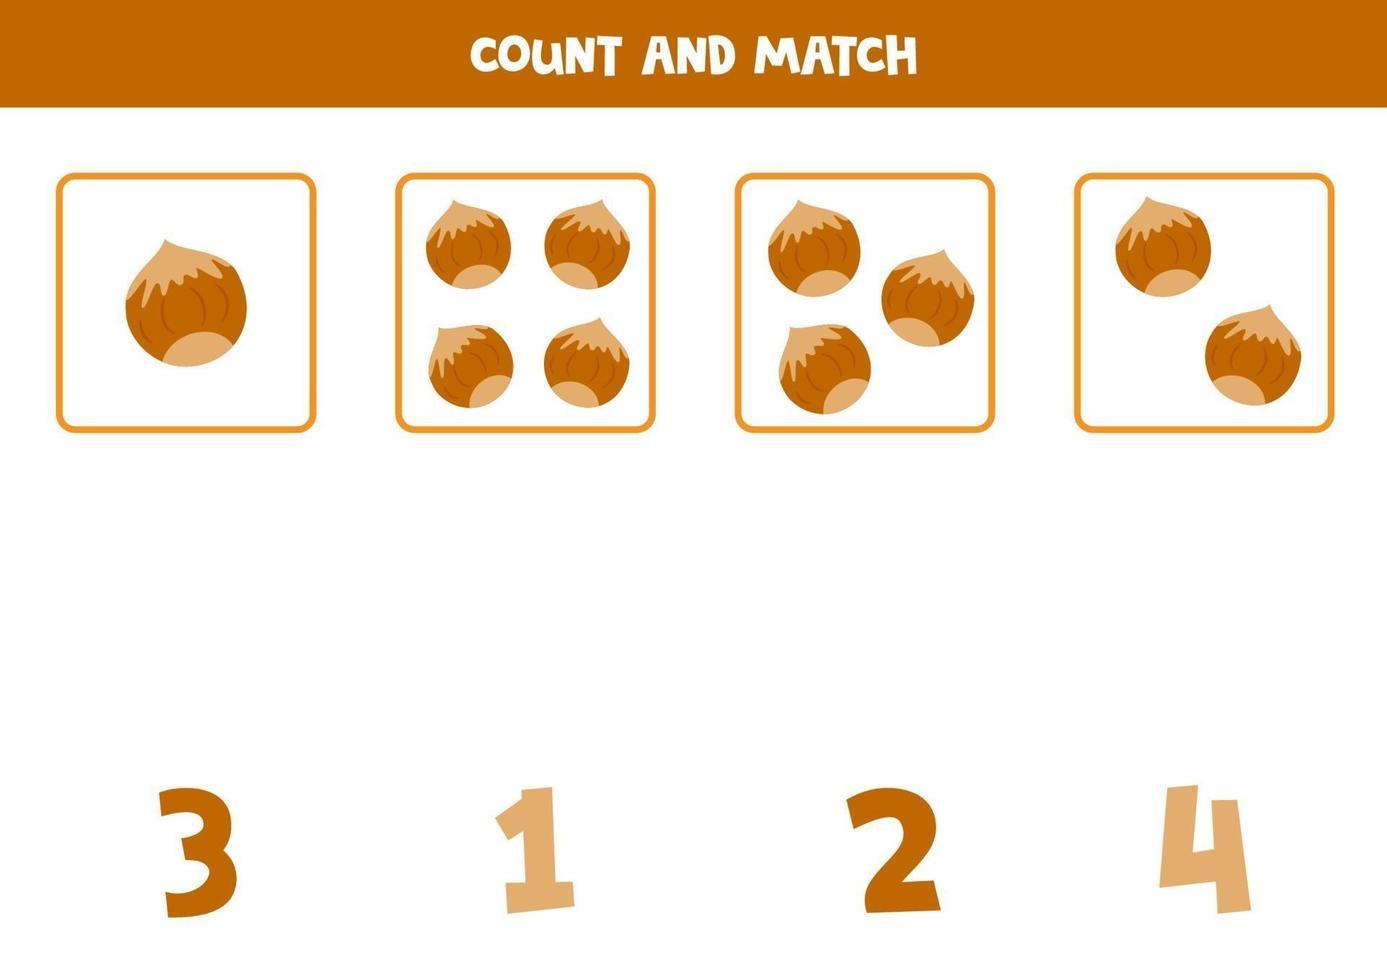 conteggio del gioco con i dadi dei cartoni animati. gioco di matematica educativo per bambini. vettore